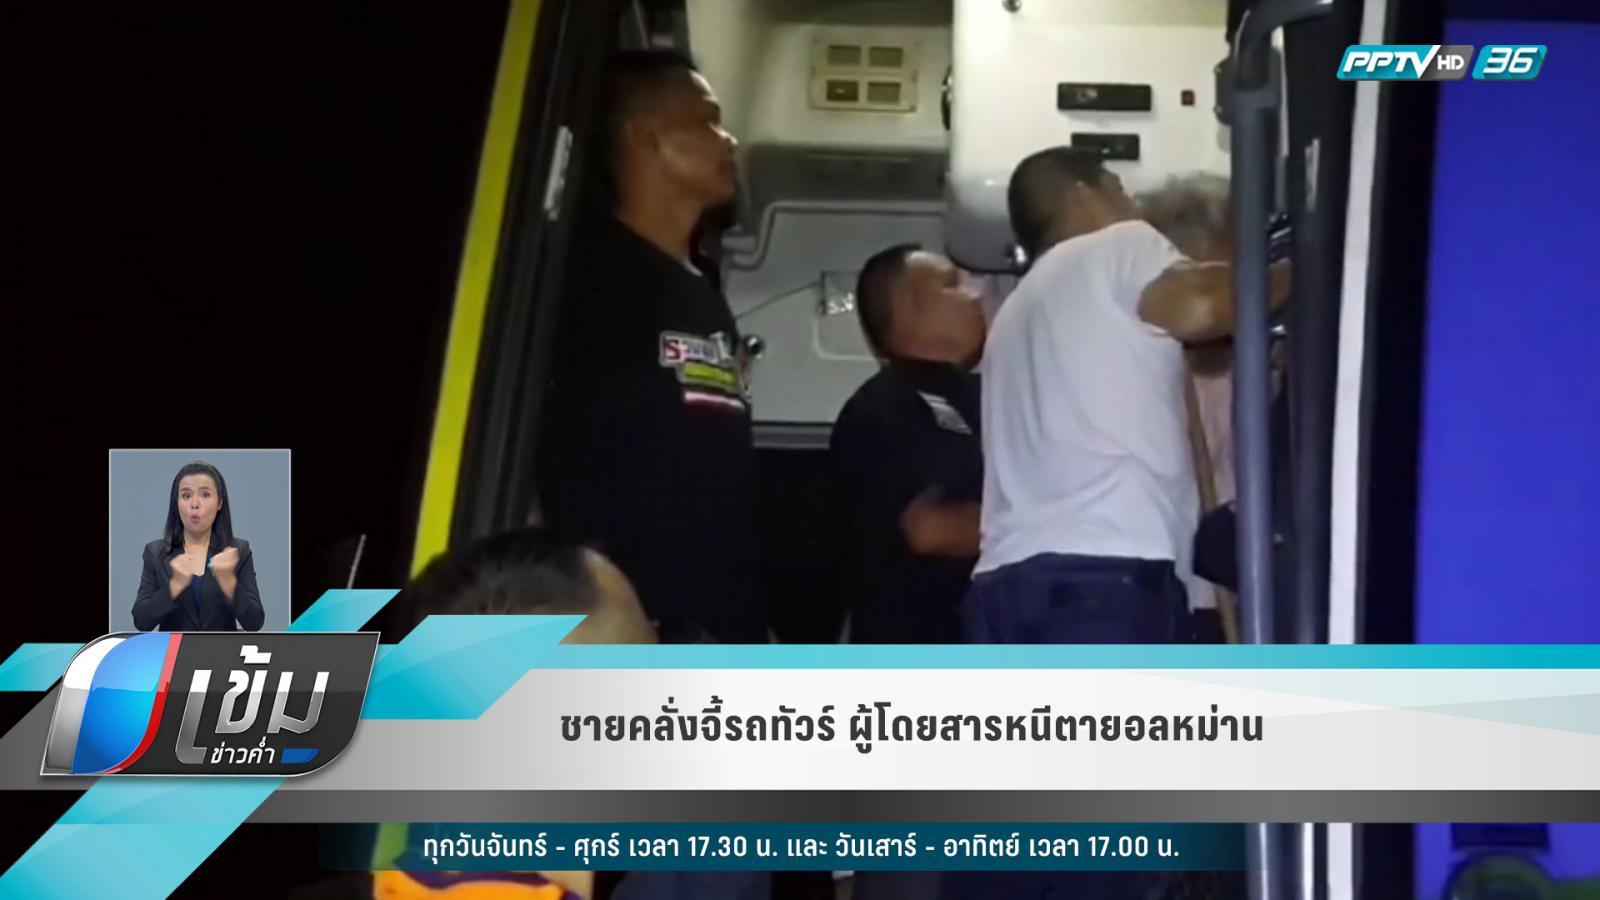 ชายคลั่ง จี้รถทัวร์ ผู้โดยสารหนีตายอลหม่าน